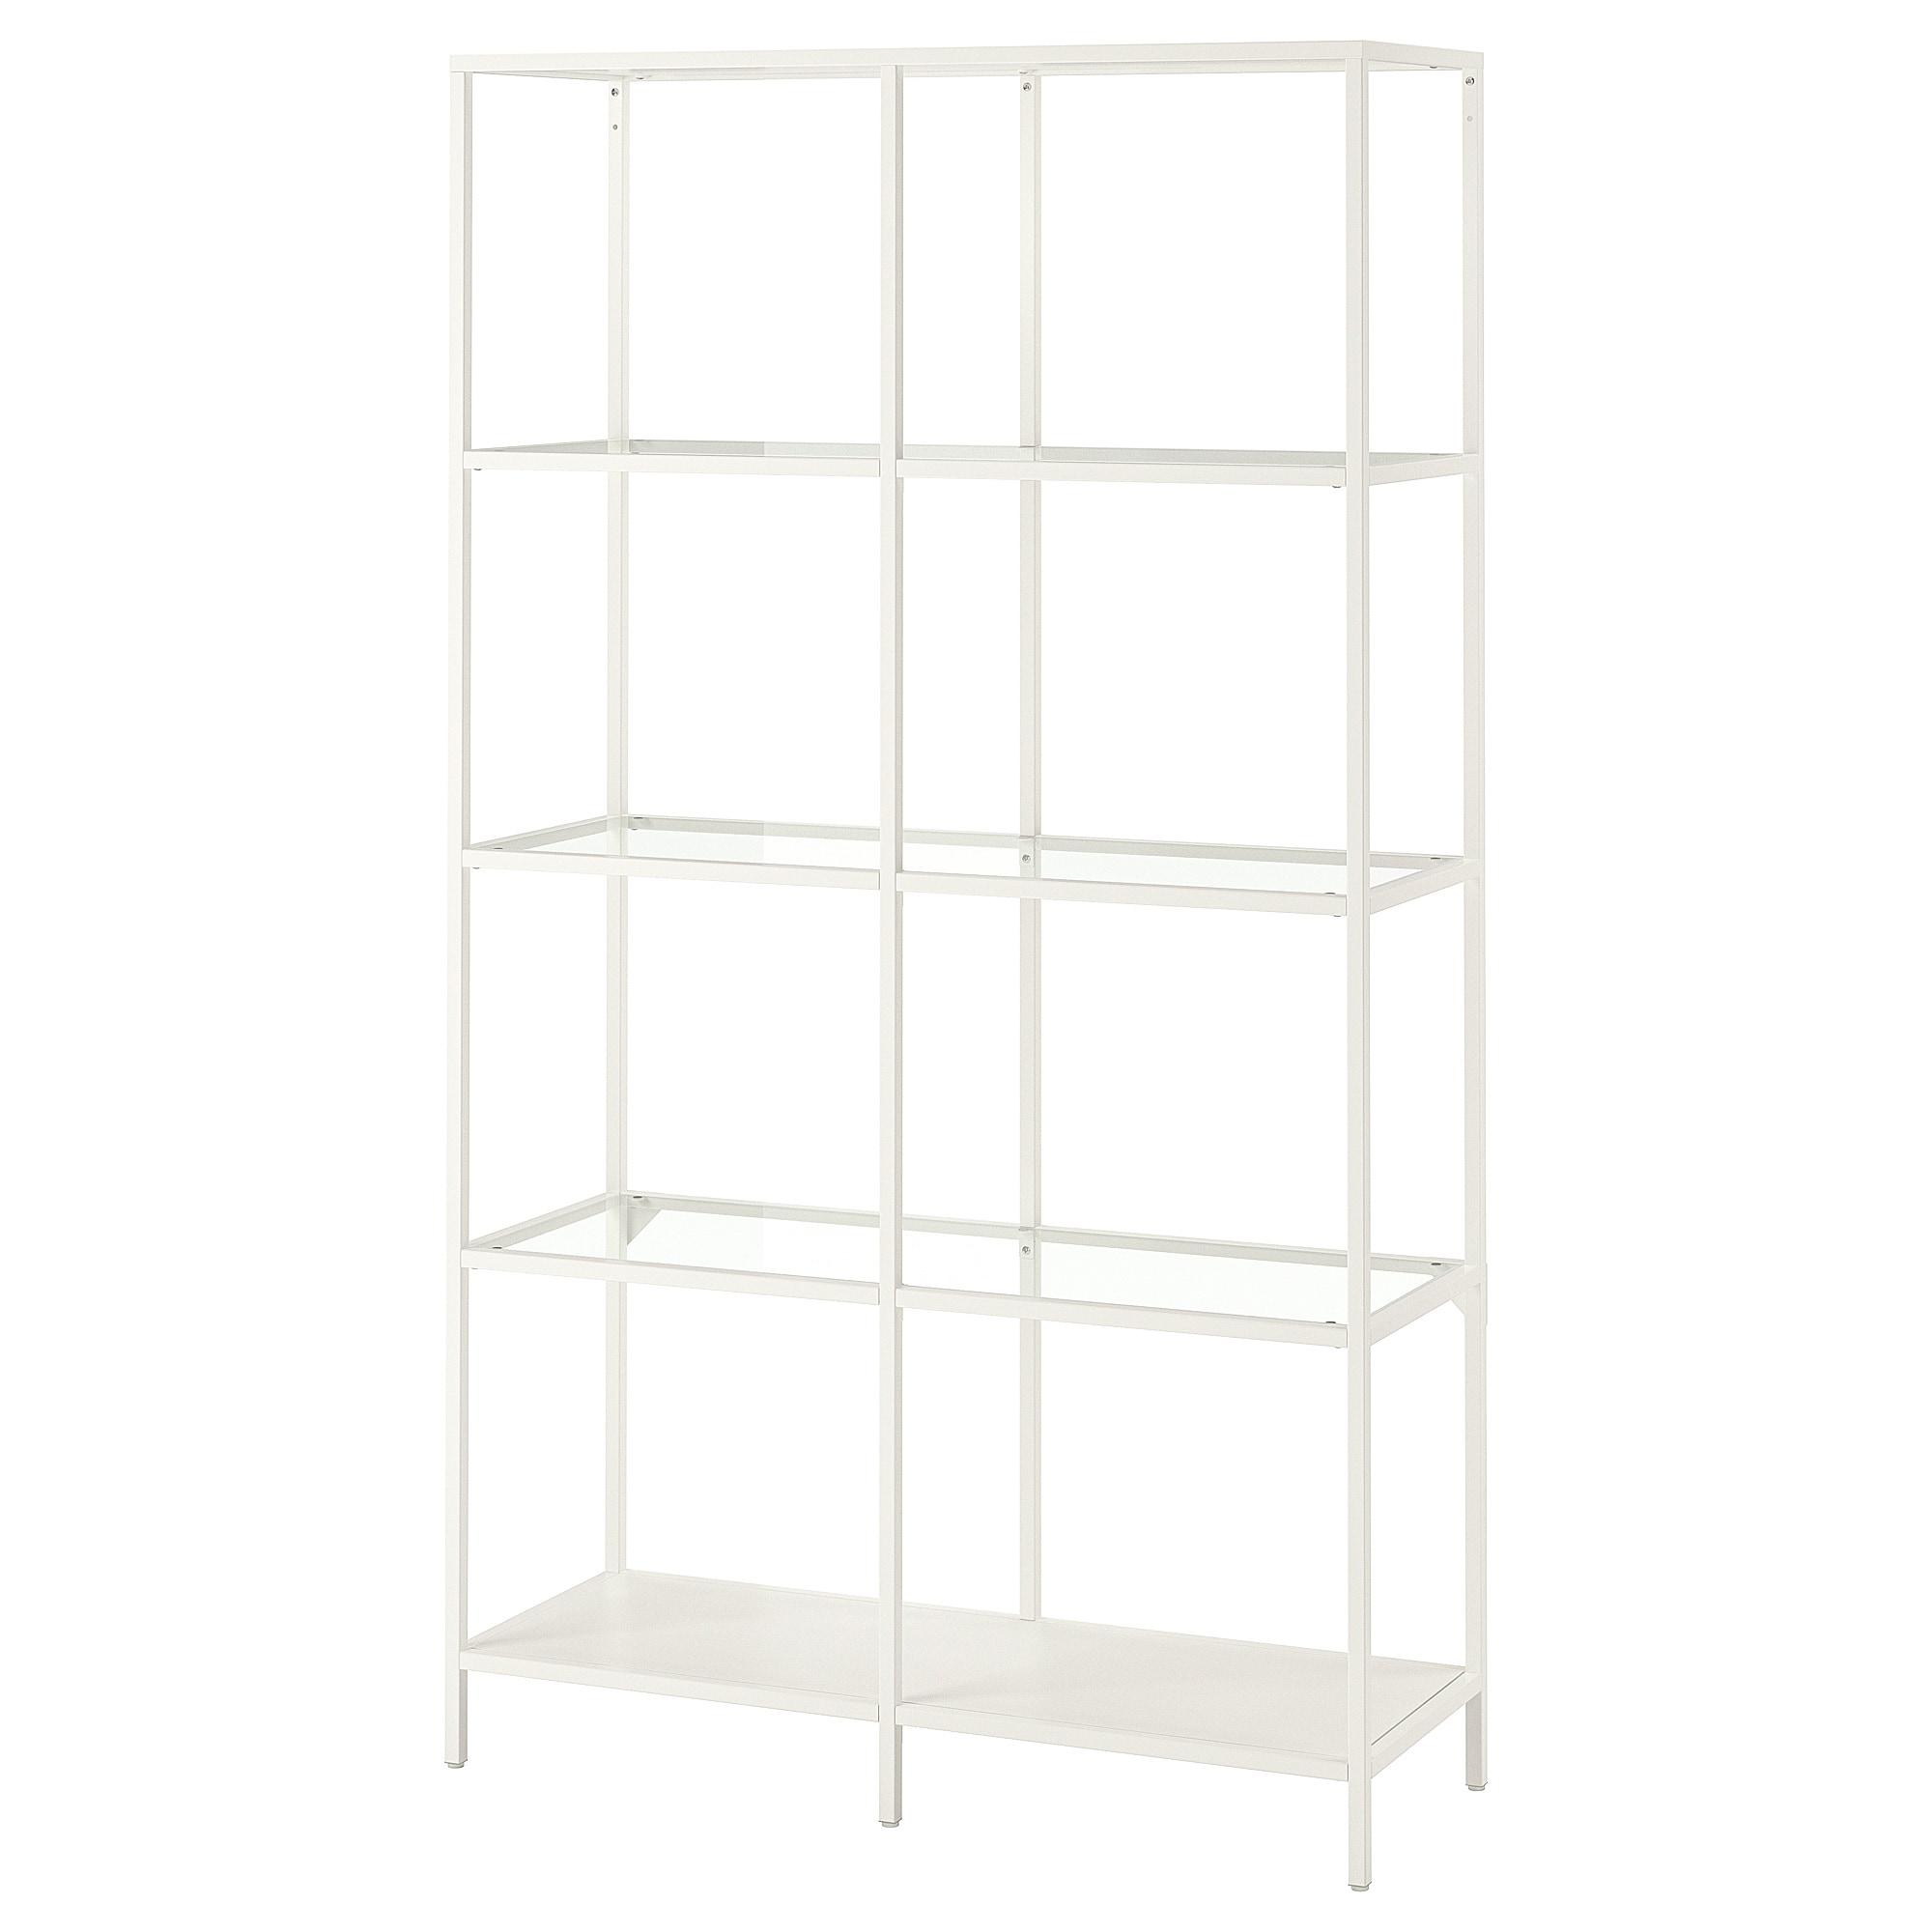 Vittsjo Shelf Unit White Glass Width 39 3 8 Ikea Wall Shelf Unit Shelf Unit Glass Shelves